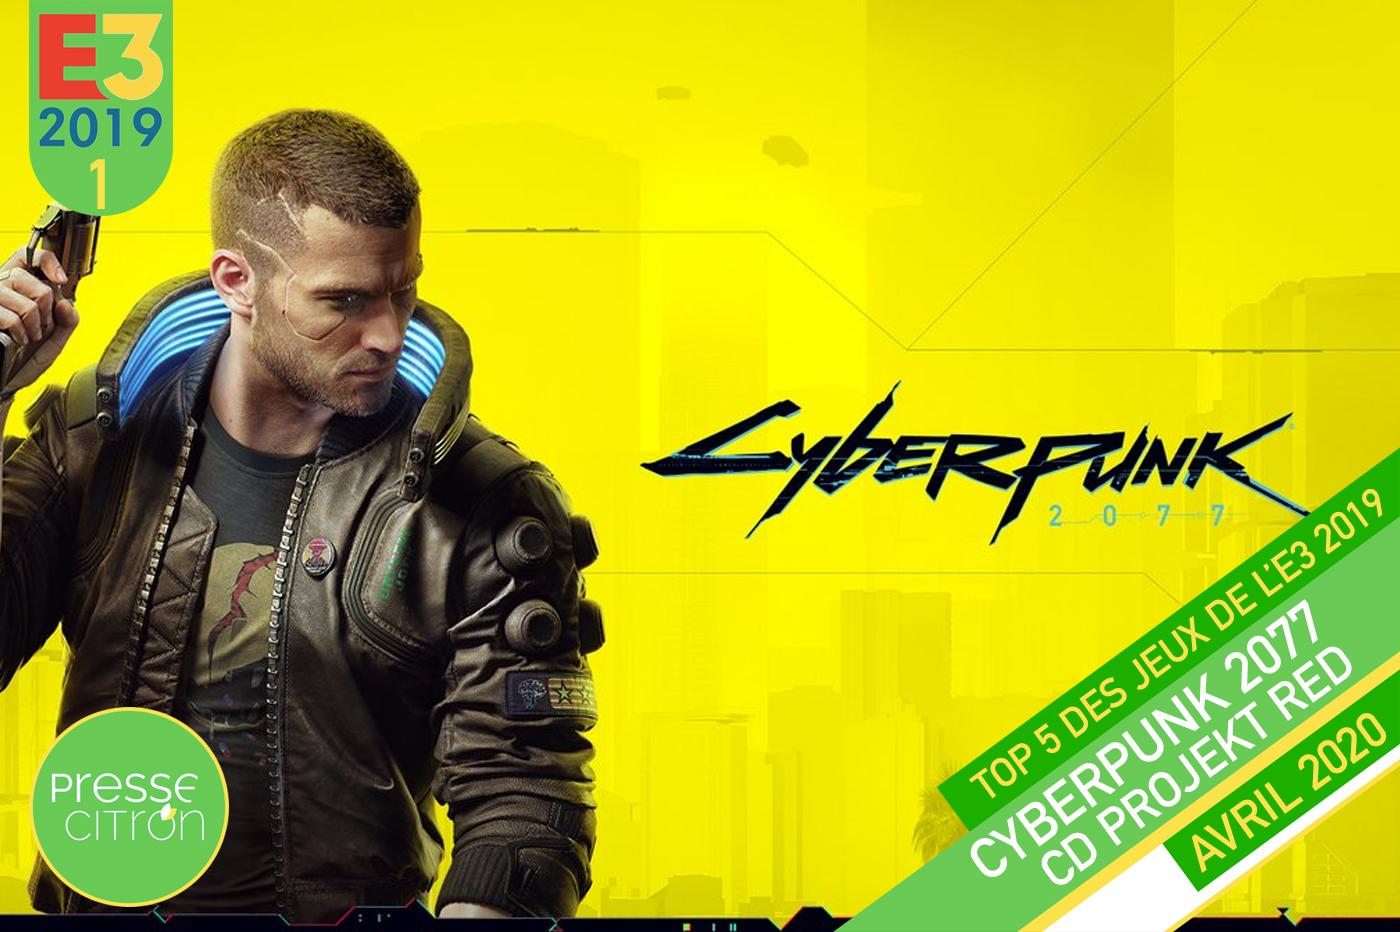 Top 5 E3 2019 Presse-Citron Cyberpunk 2077